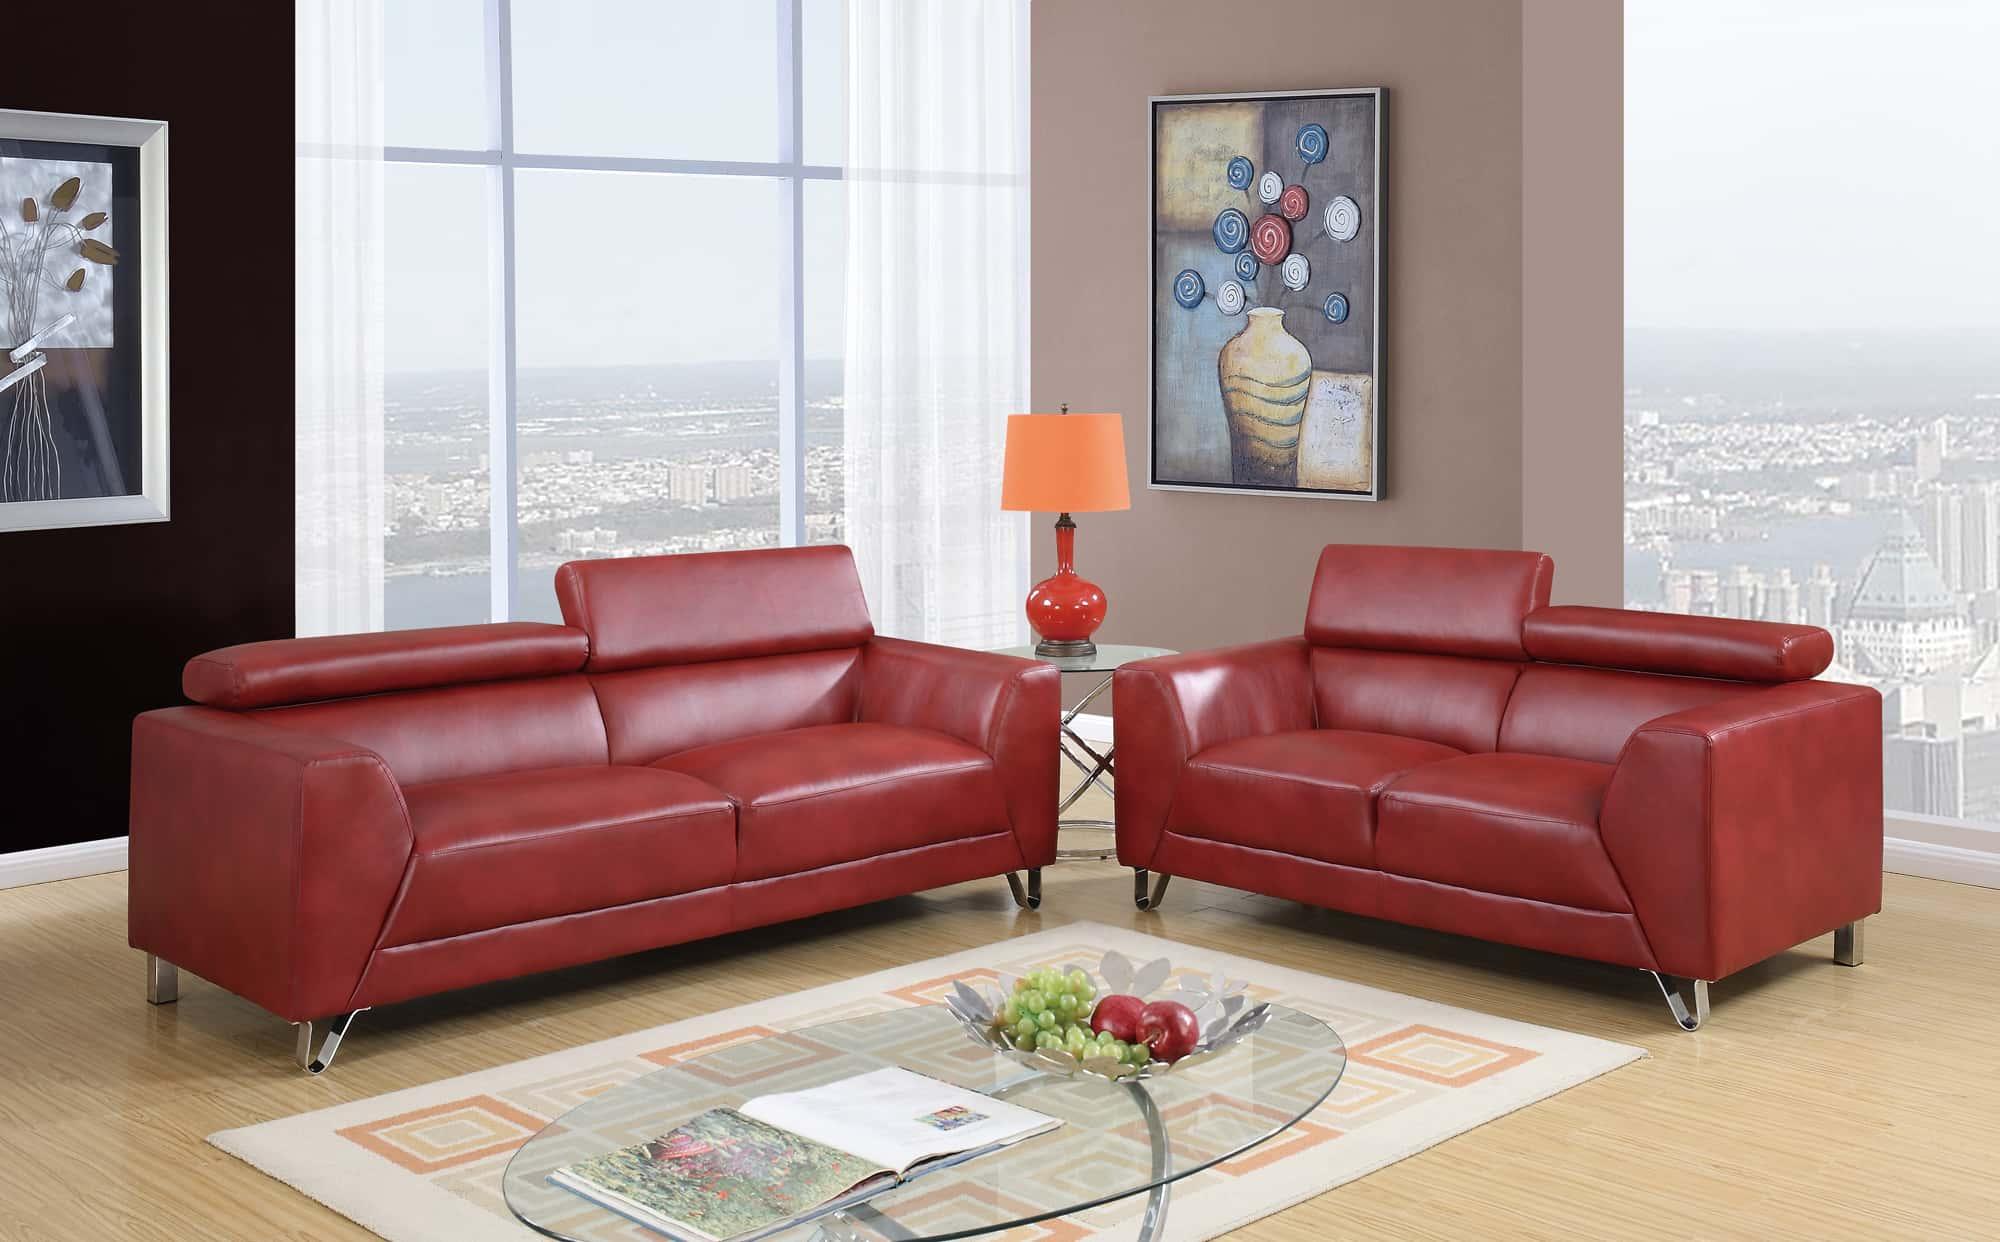 U8210 Red Sofa by Global Furniture